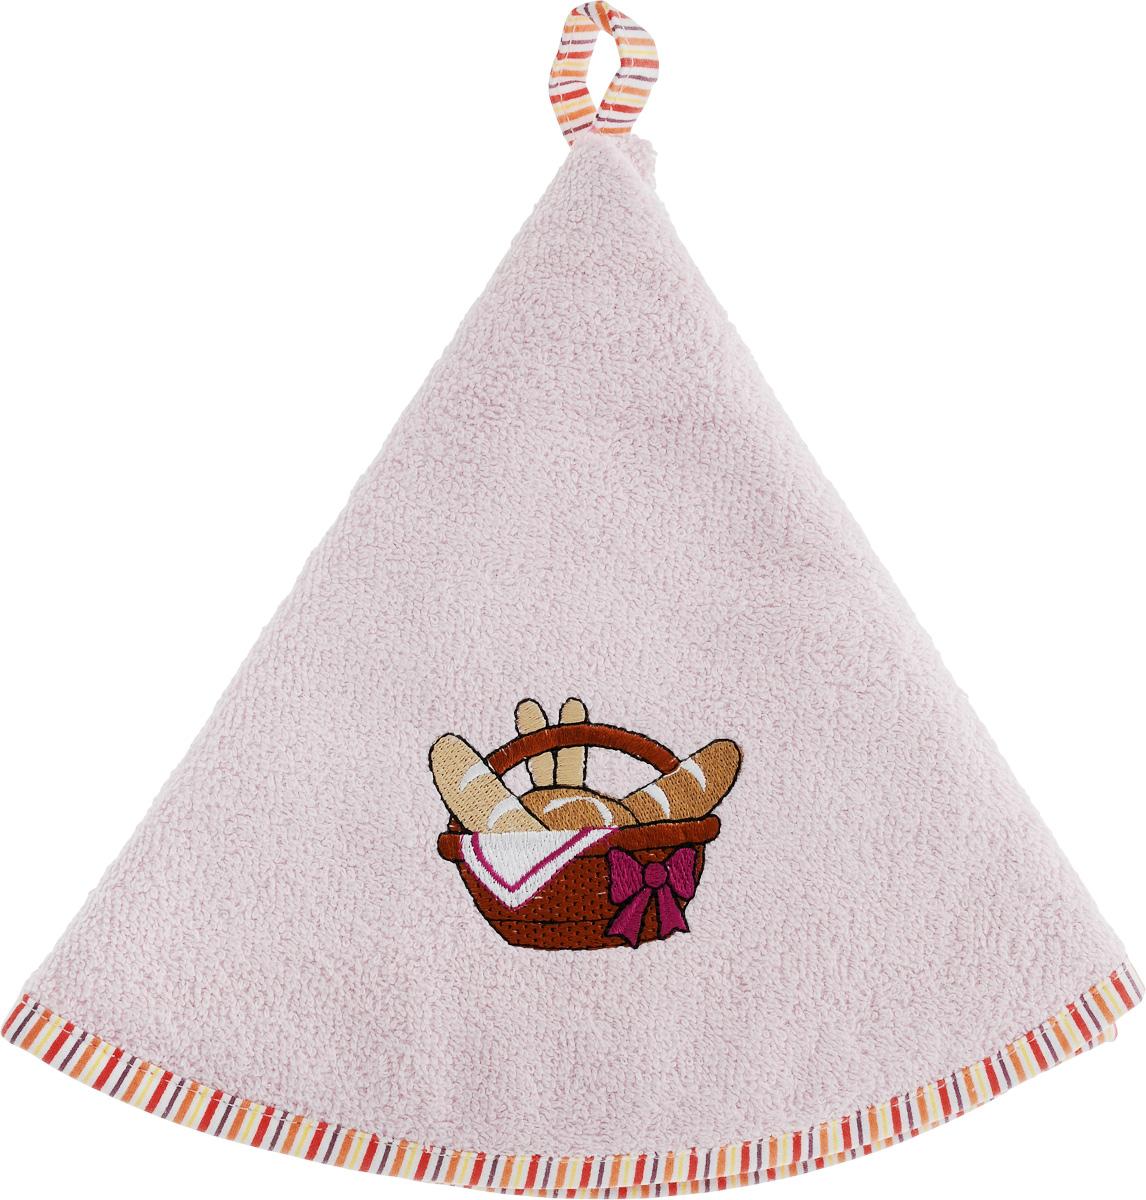 Салфетка кухонная Karna Zelina, цвет: светло-розовый, диаметр 50 см. 504/CHAR001504/CHAR001_светло-розовыйКруглая кухонная салфетка Karna Zelina выполнена из приятной на ощупь махровой ткани (100% хлопок). Изделие отлично впитывает влагу, быстро сохнет, сохраняет яркость цвета и не теряет форму даже после многократных стирок. Салфетка дополнена каймой контрастного цвета и красивой вышивкой. С помощью специальной петельки ее удобно вешать на крючок. Салфетка очень практична и неприхотлива в уходе. Она создаст прекрасное настроение и дополнит интерьер.